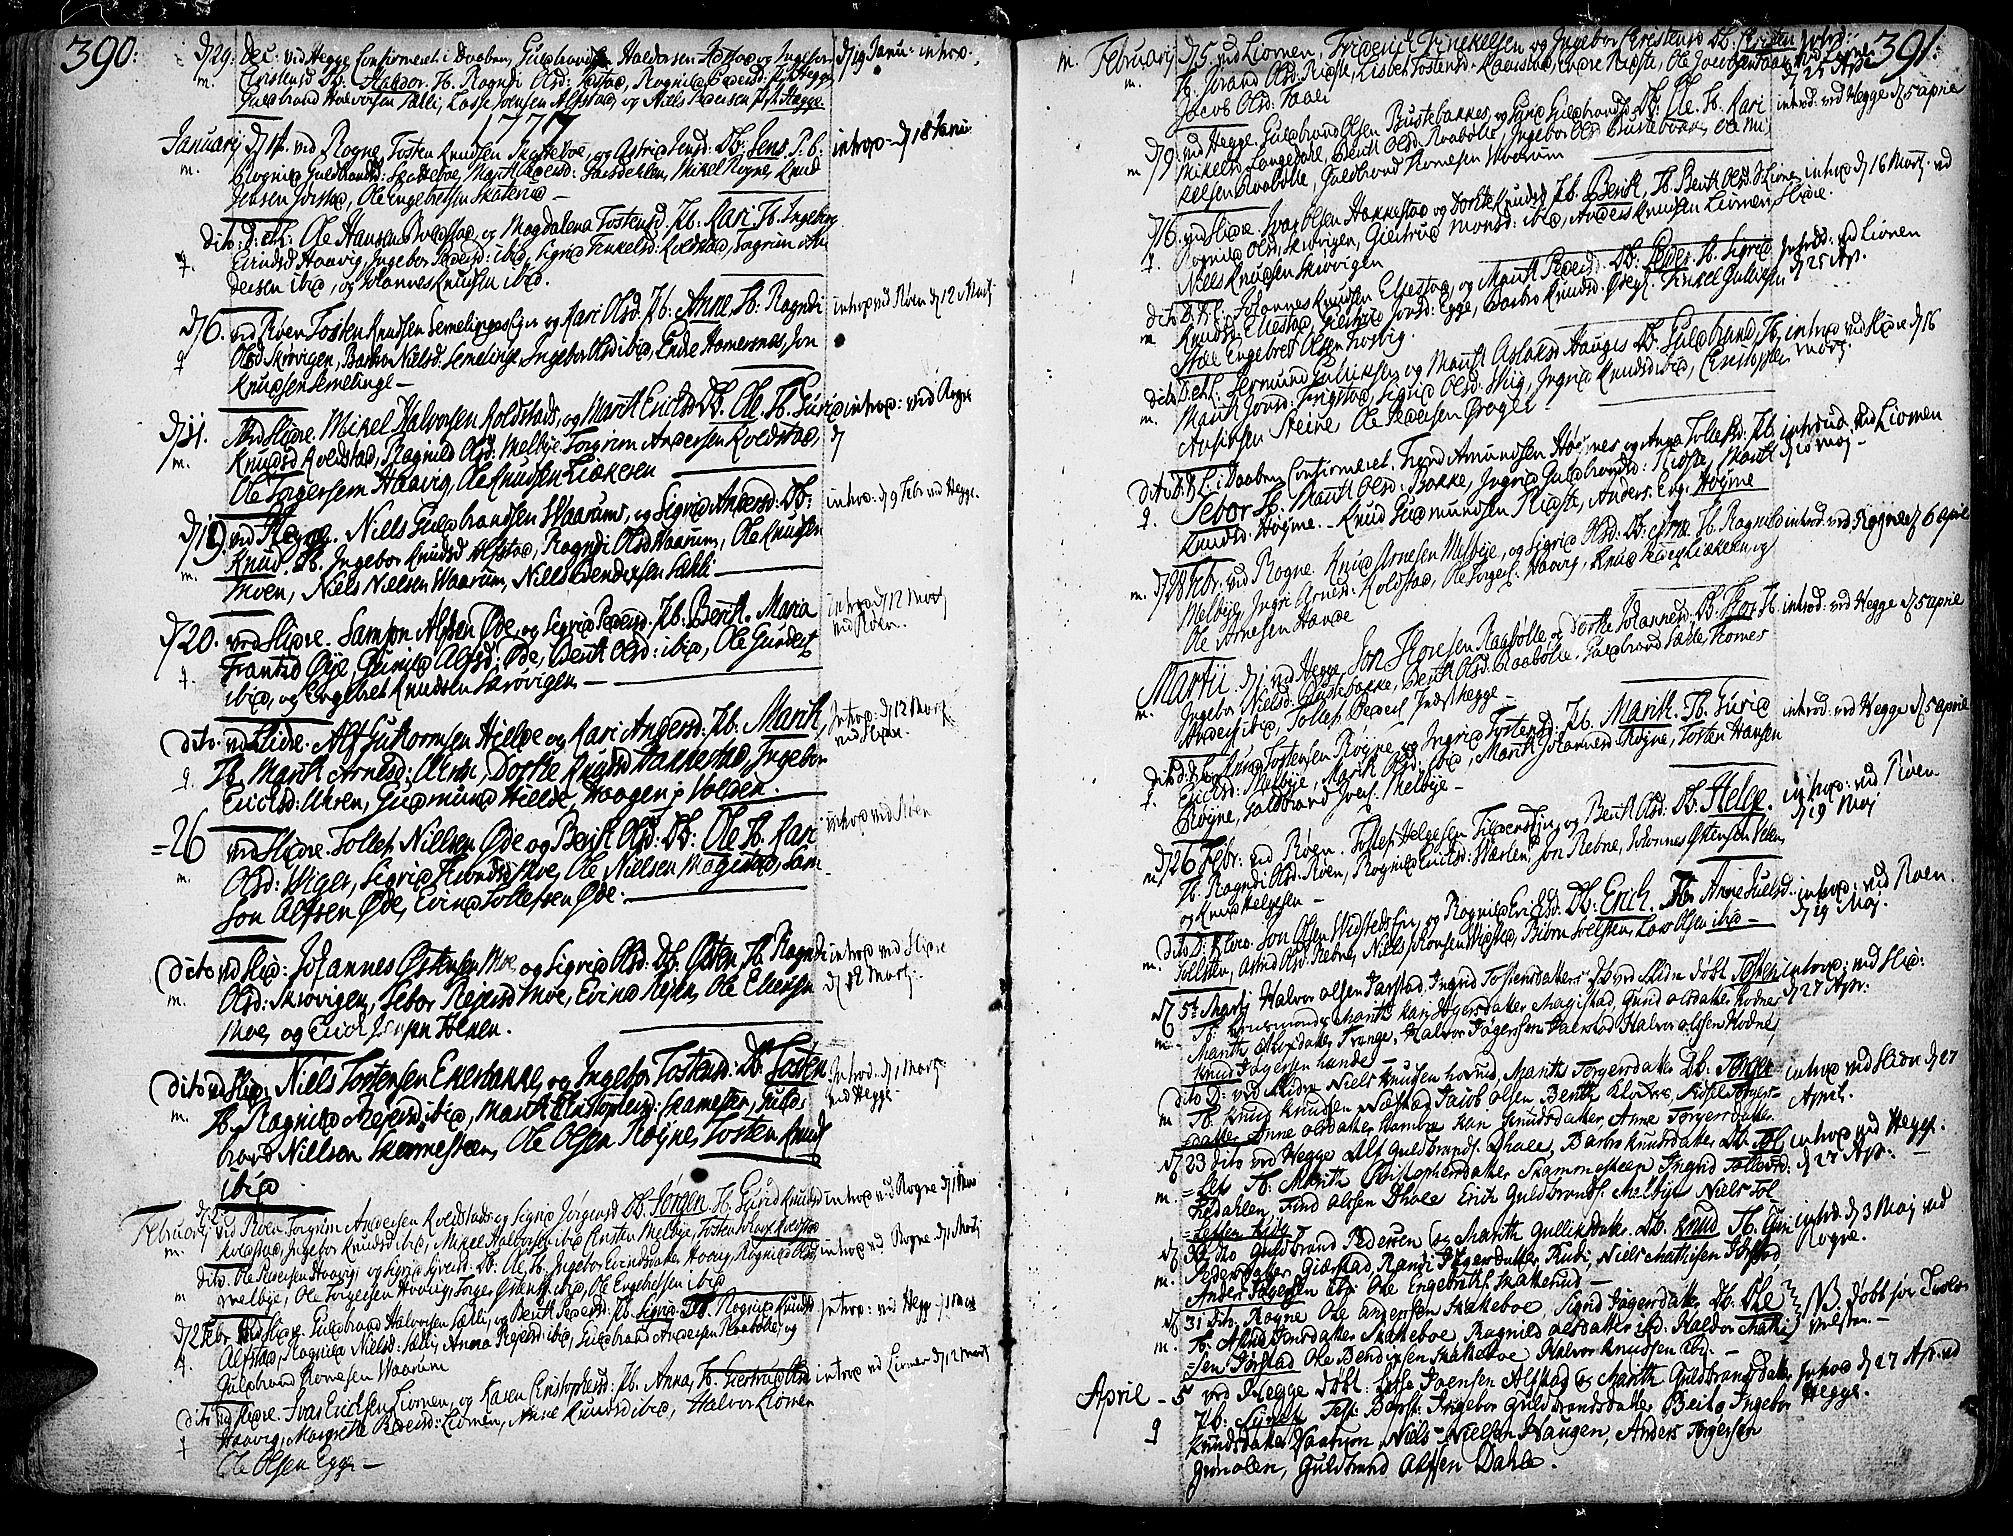 SAH, Slidre prestekontor, Ministerialbok nr. 1, 1724-1814, s. 390-391